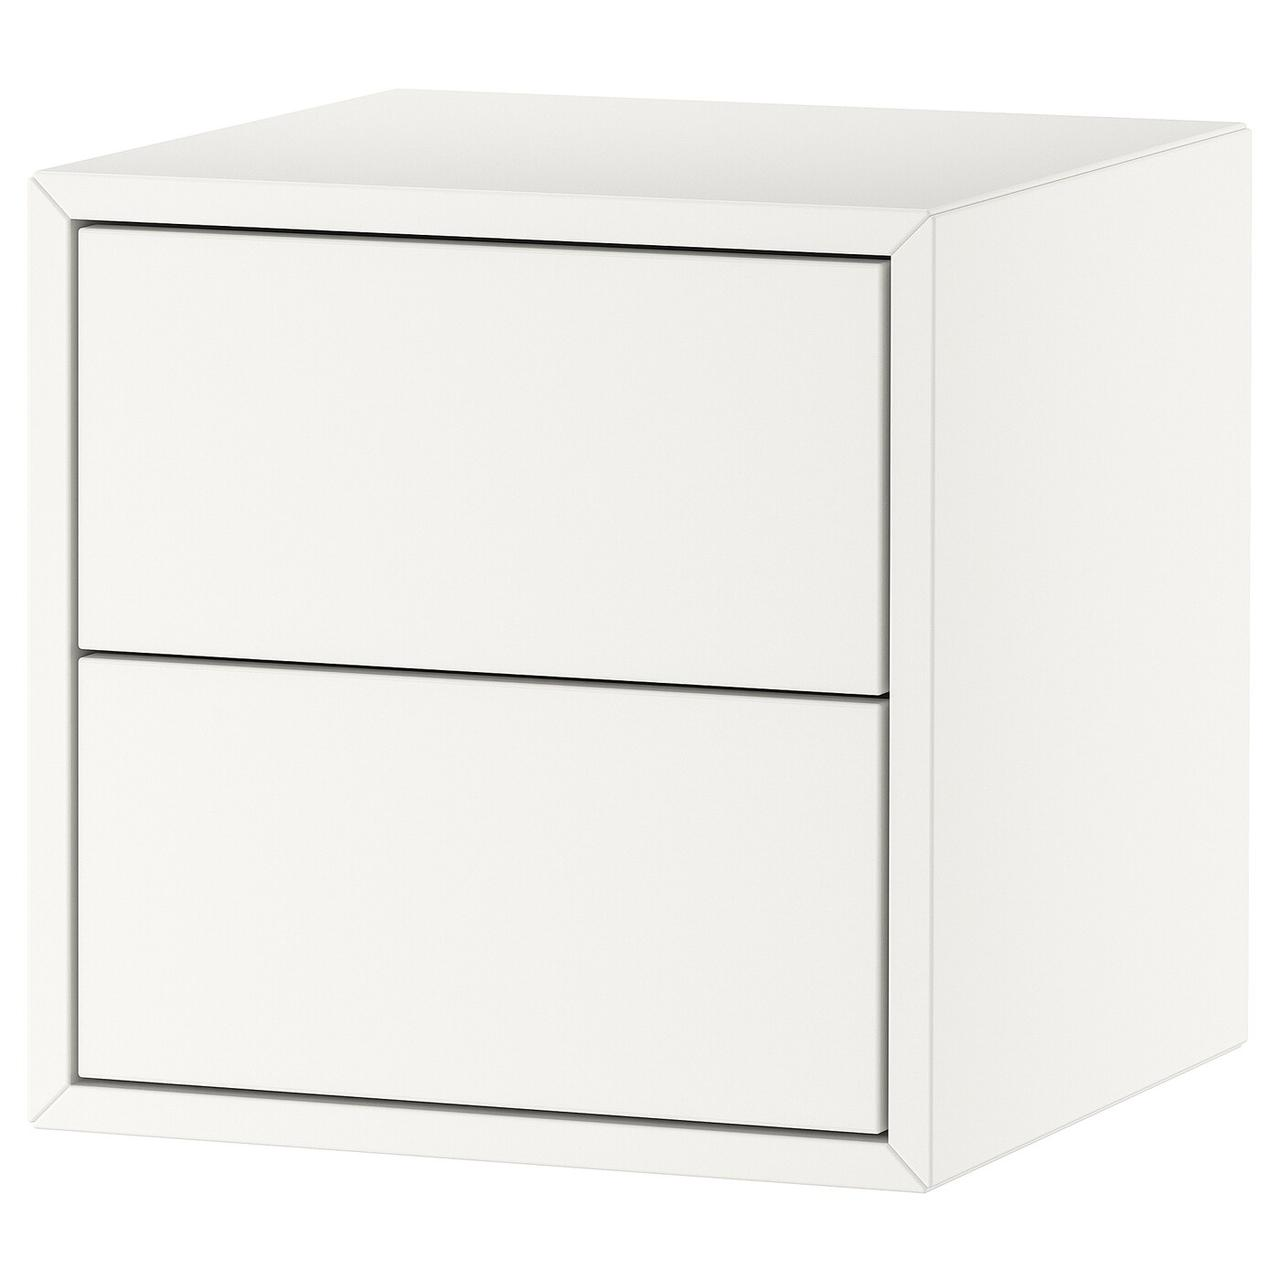 IKEA EKET ( 693.293.87) Навісна шафа з 2 шухлядами 35x35x35 см